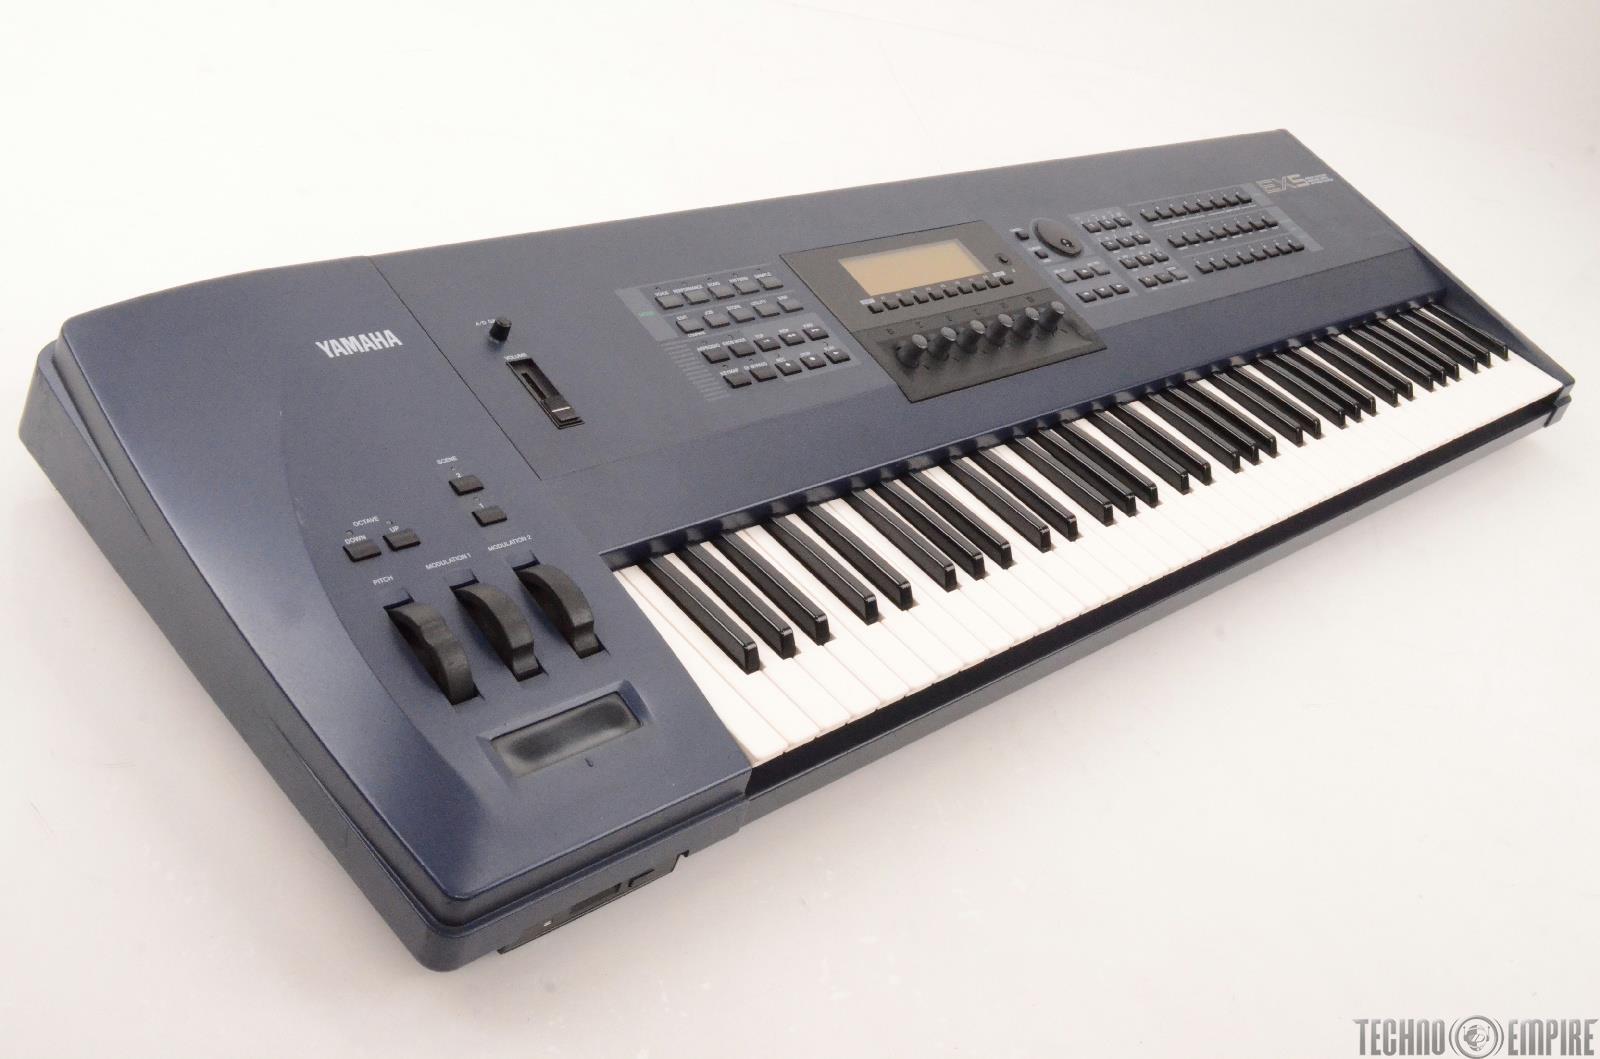 yamaha ex5 76 key synthesizer sampler sequencer keyboard workstation 27126 ebay. Black Bedroom Furniture Sets. Home Design Ideas